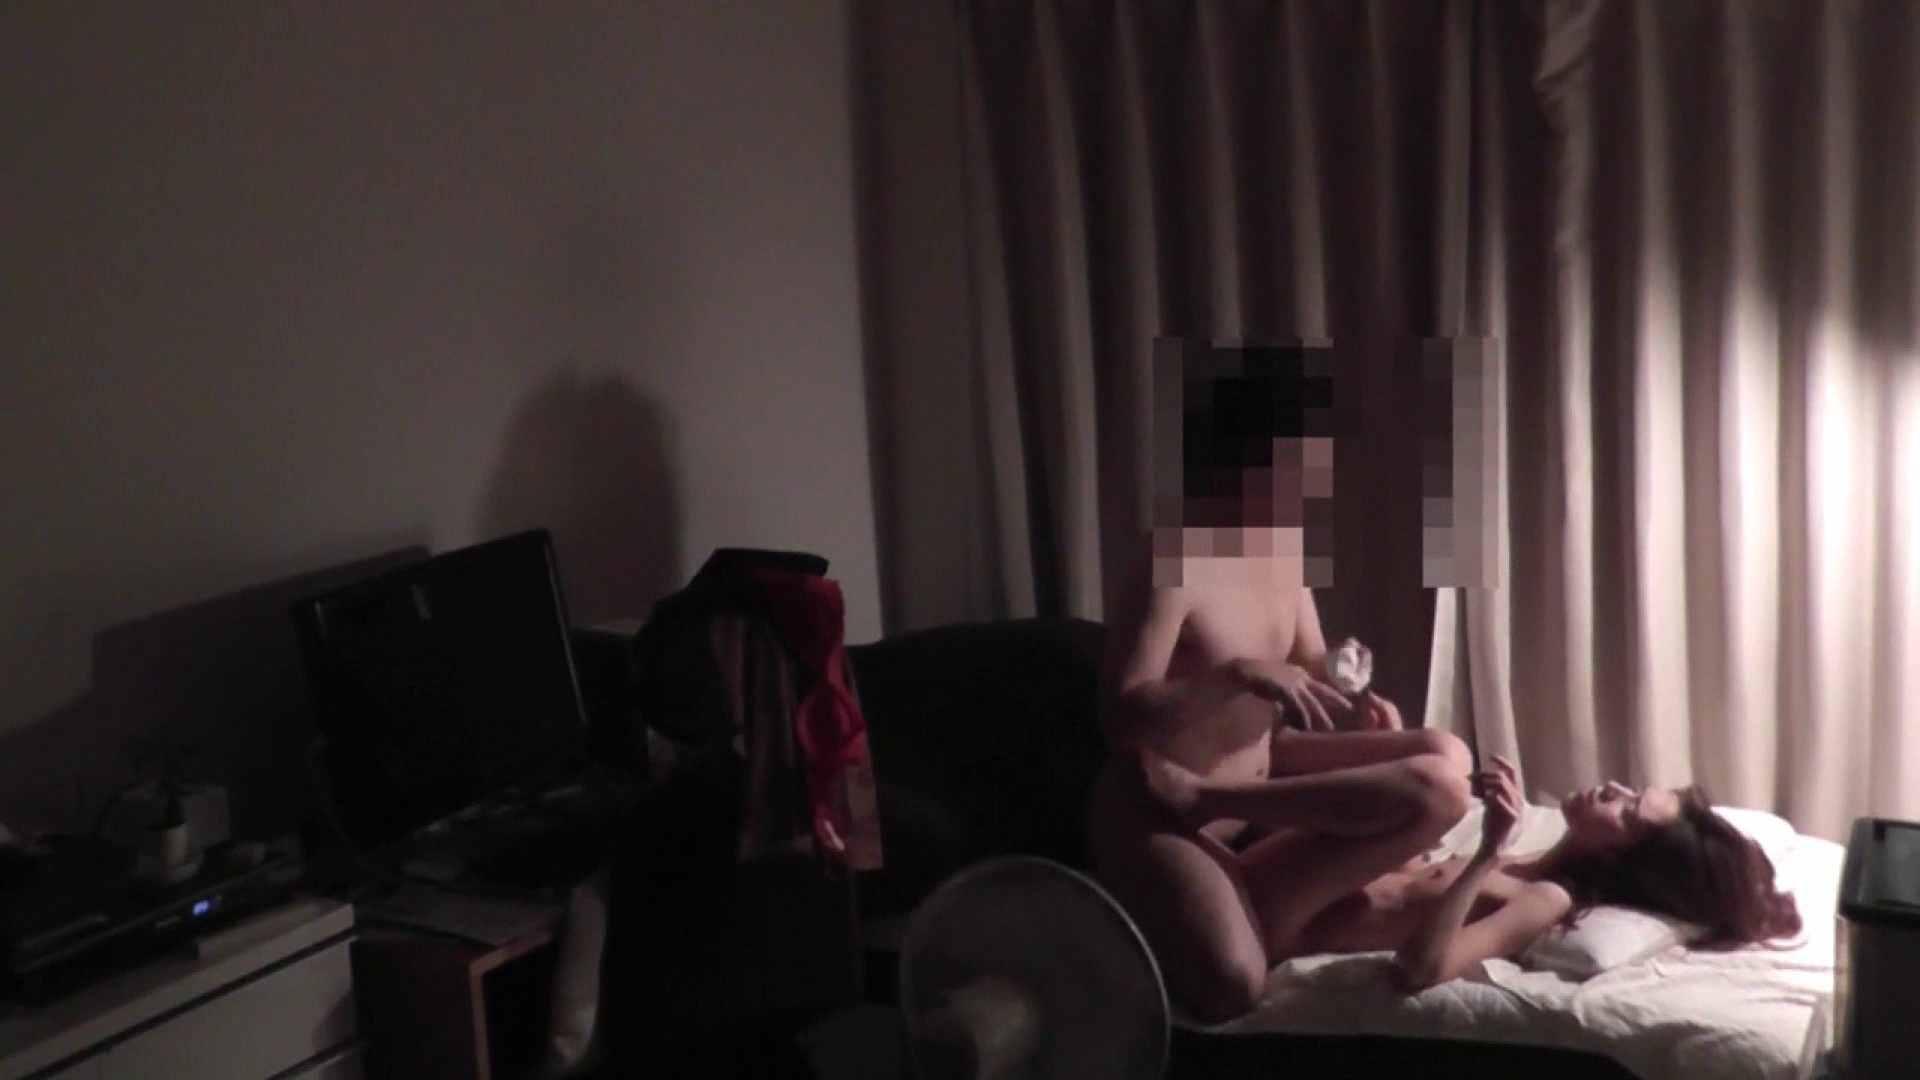 美女だらけのプライベートSEXvol.3 プライベート SEX無修正画像 83pic 29